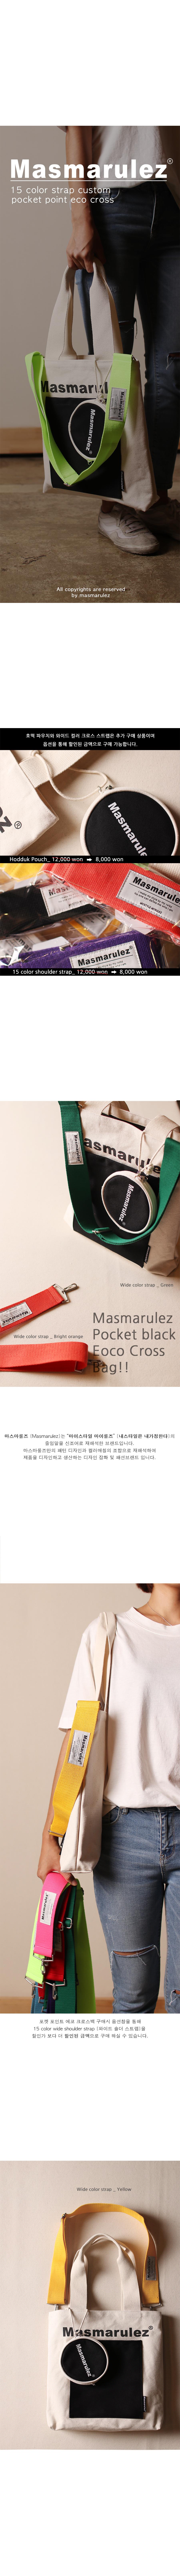 peco-black-900-d1.jpg